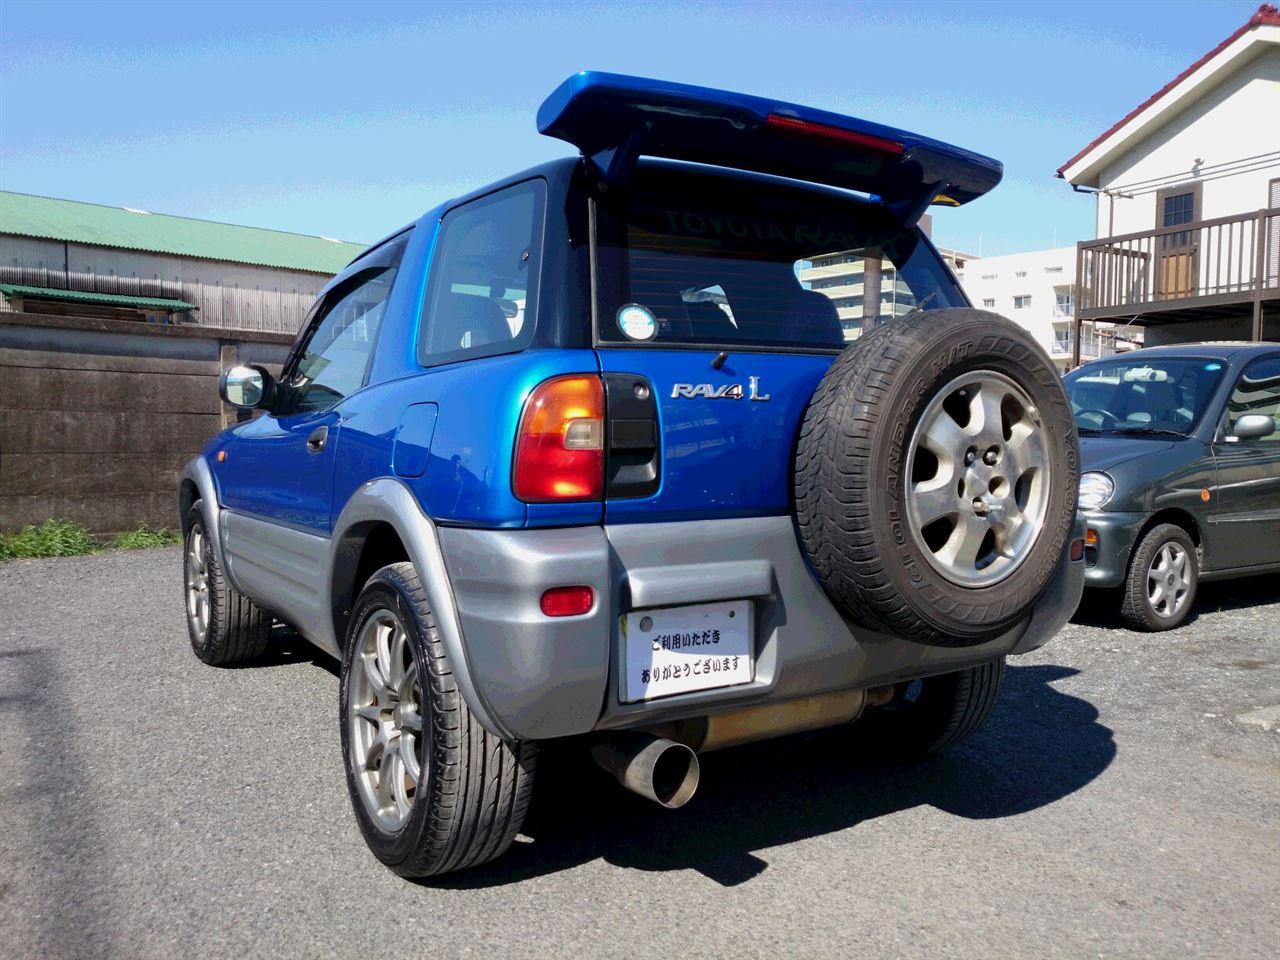 東京都立川市の車の板金塗装修理工場 ガレージローライドのトヨタ RAV4のオールペイント オールペン 全塗装 です。